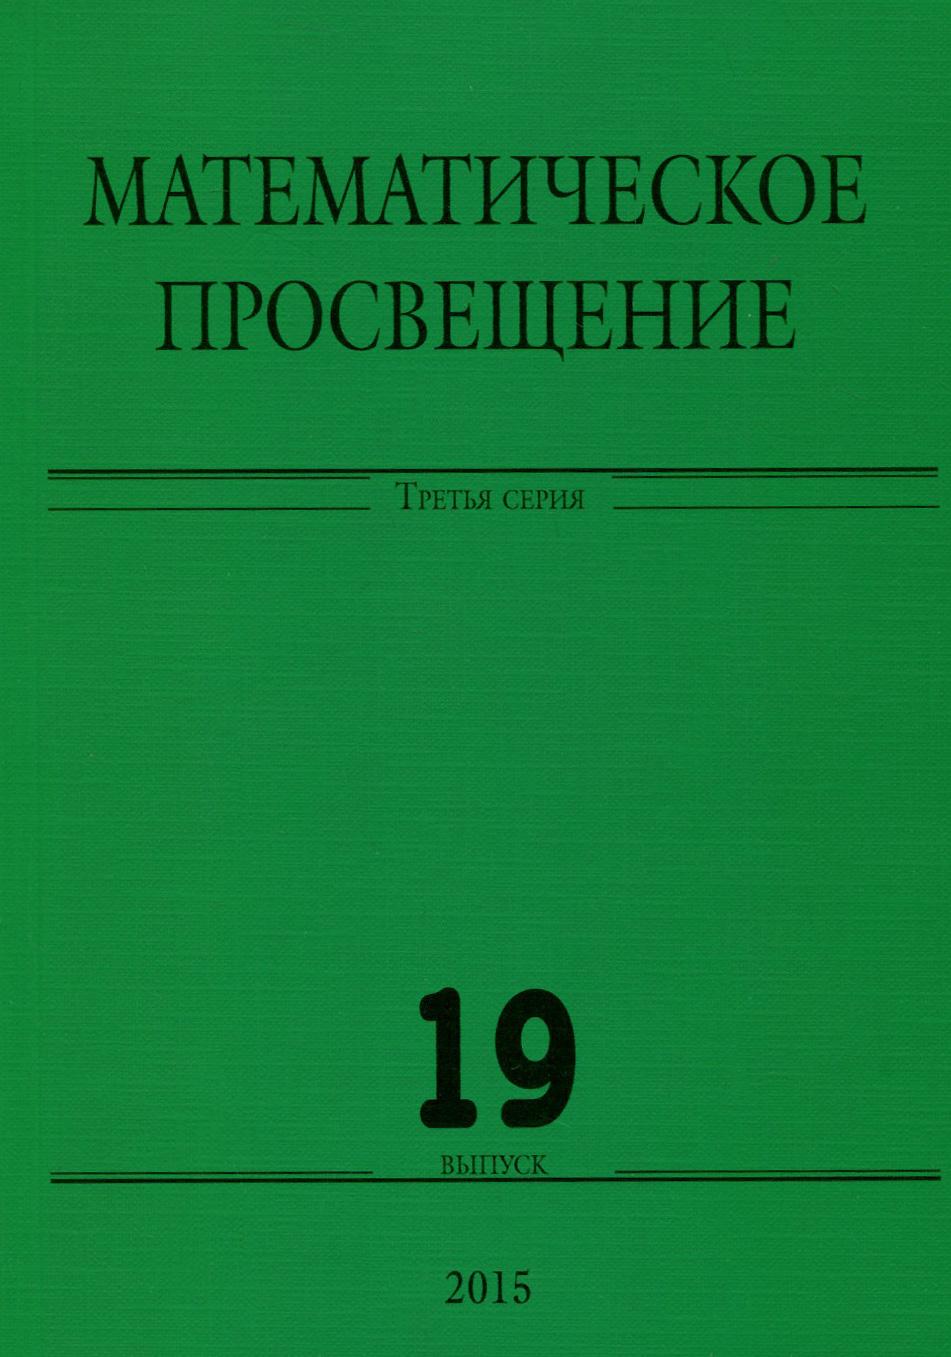 Математическое просвещение. 3 серия. Выпуск 19